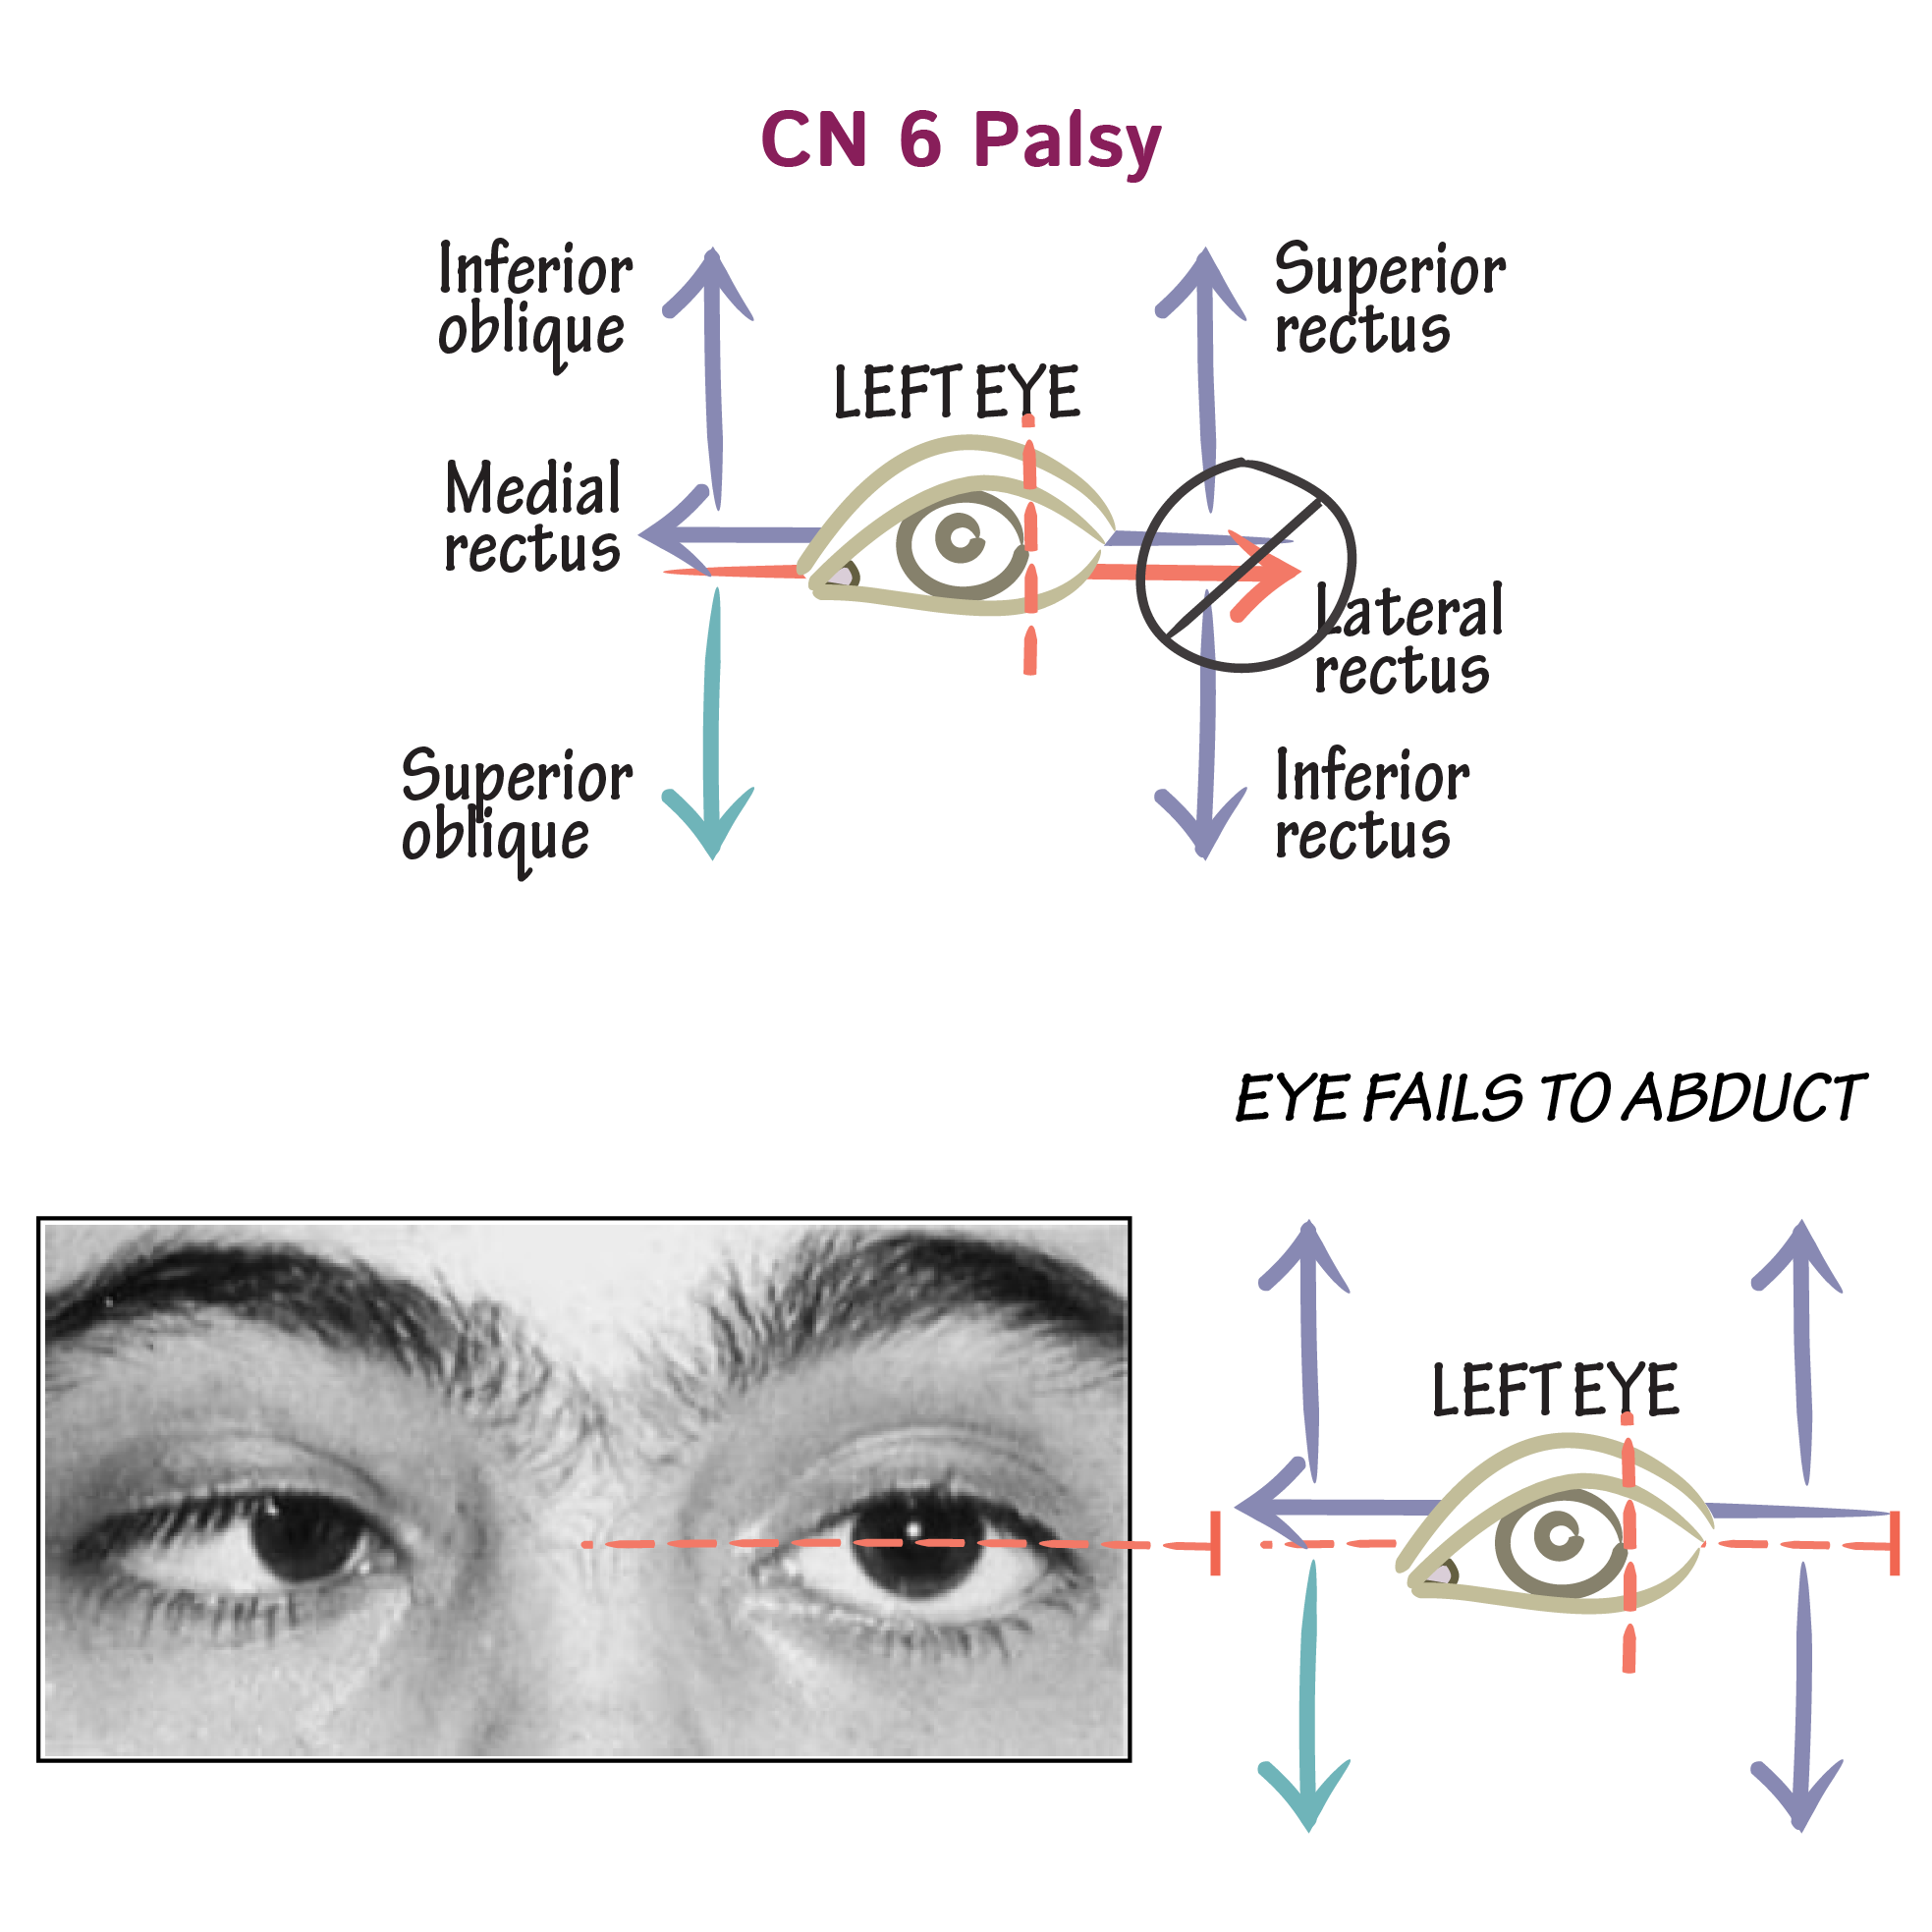 Neuroanatomy Glossary 6th Nerve Palsy Draw It To Know It